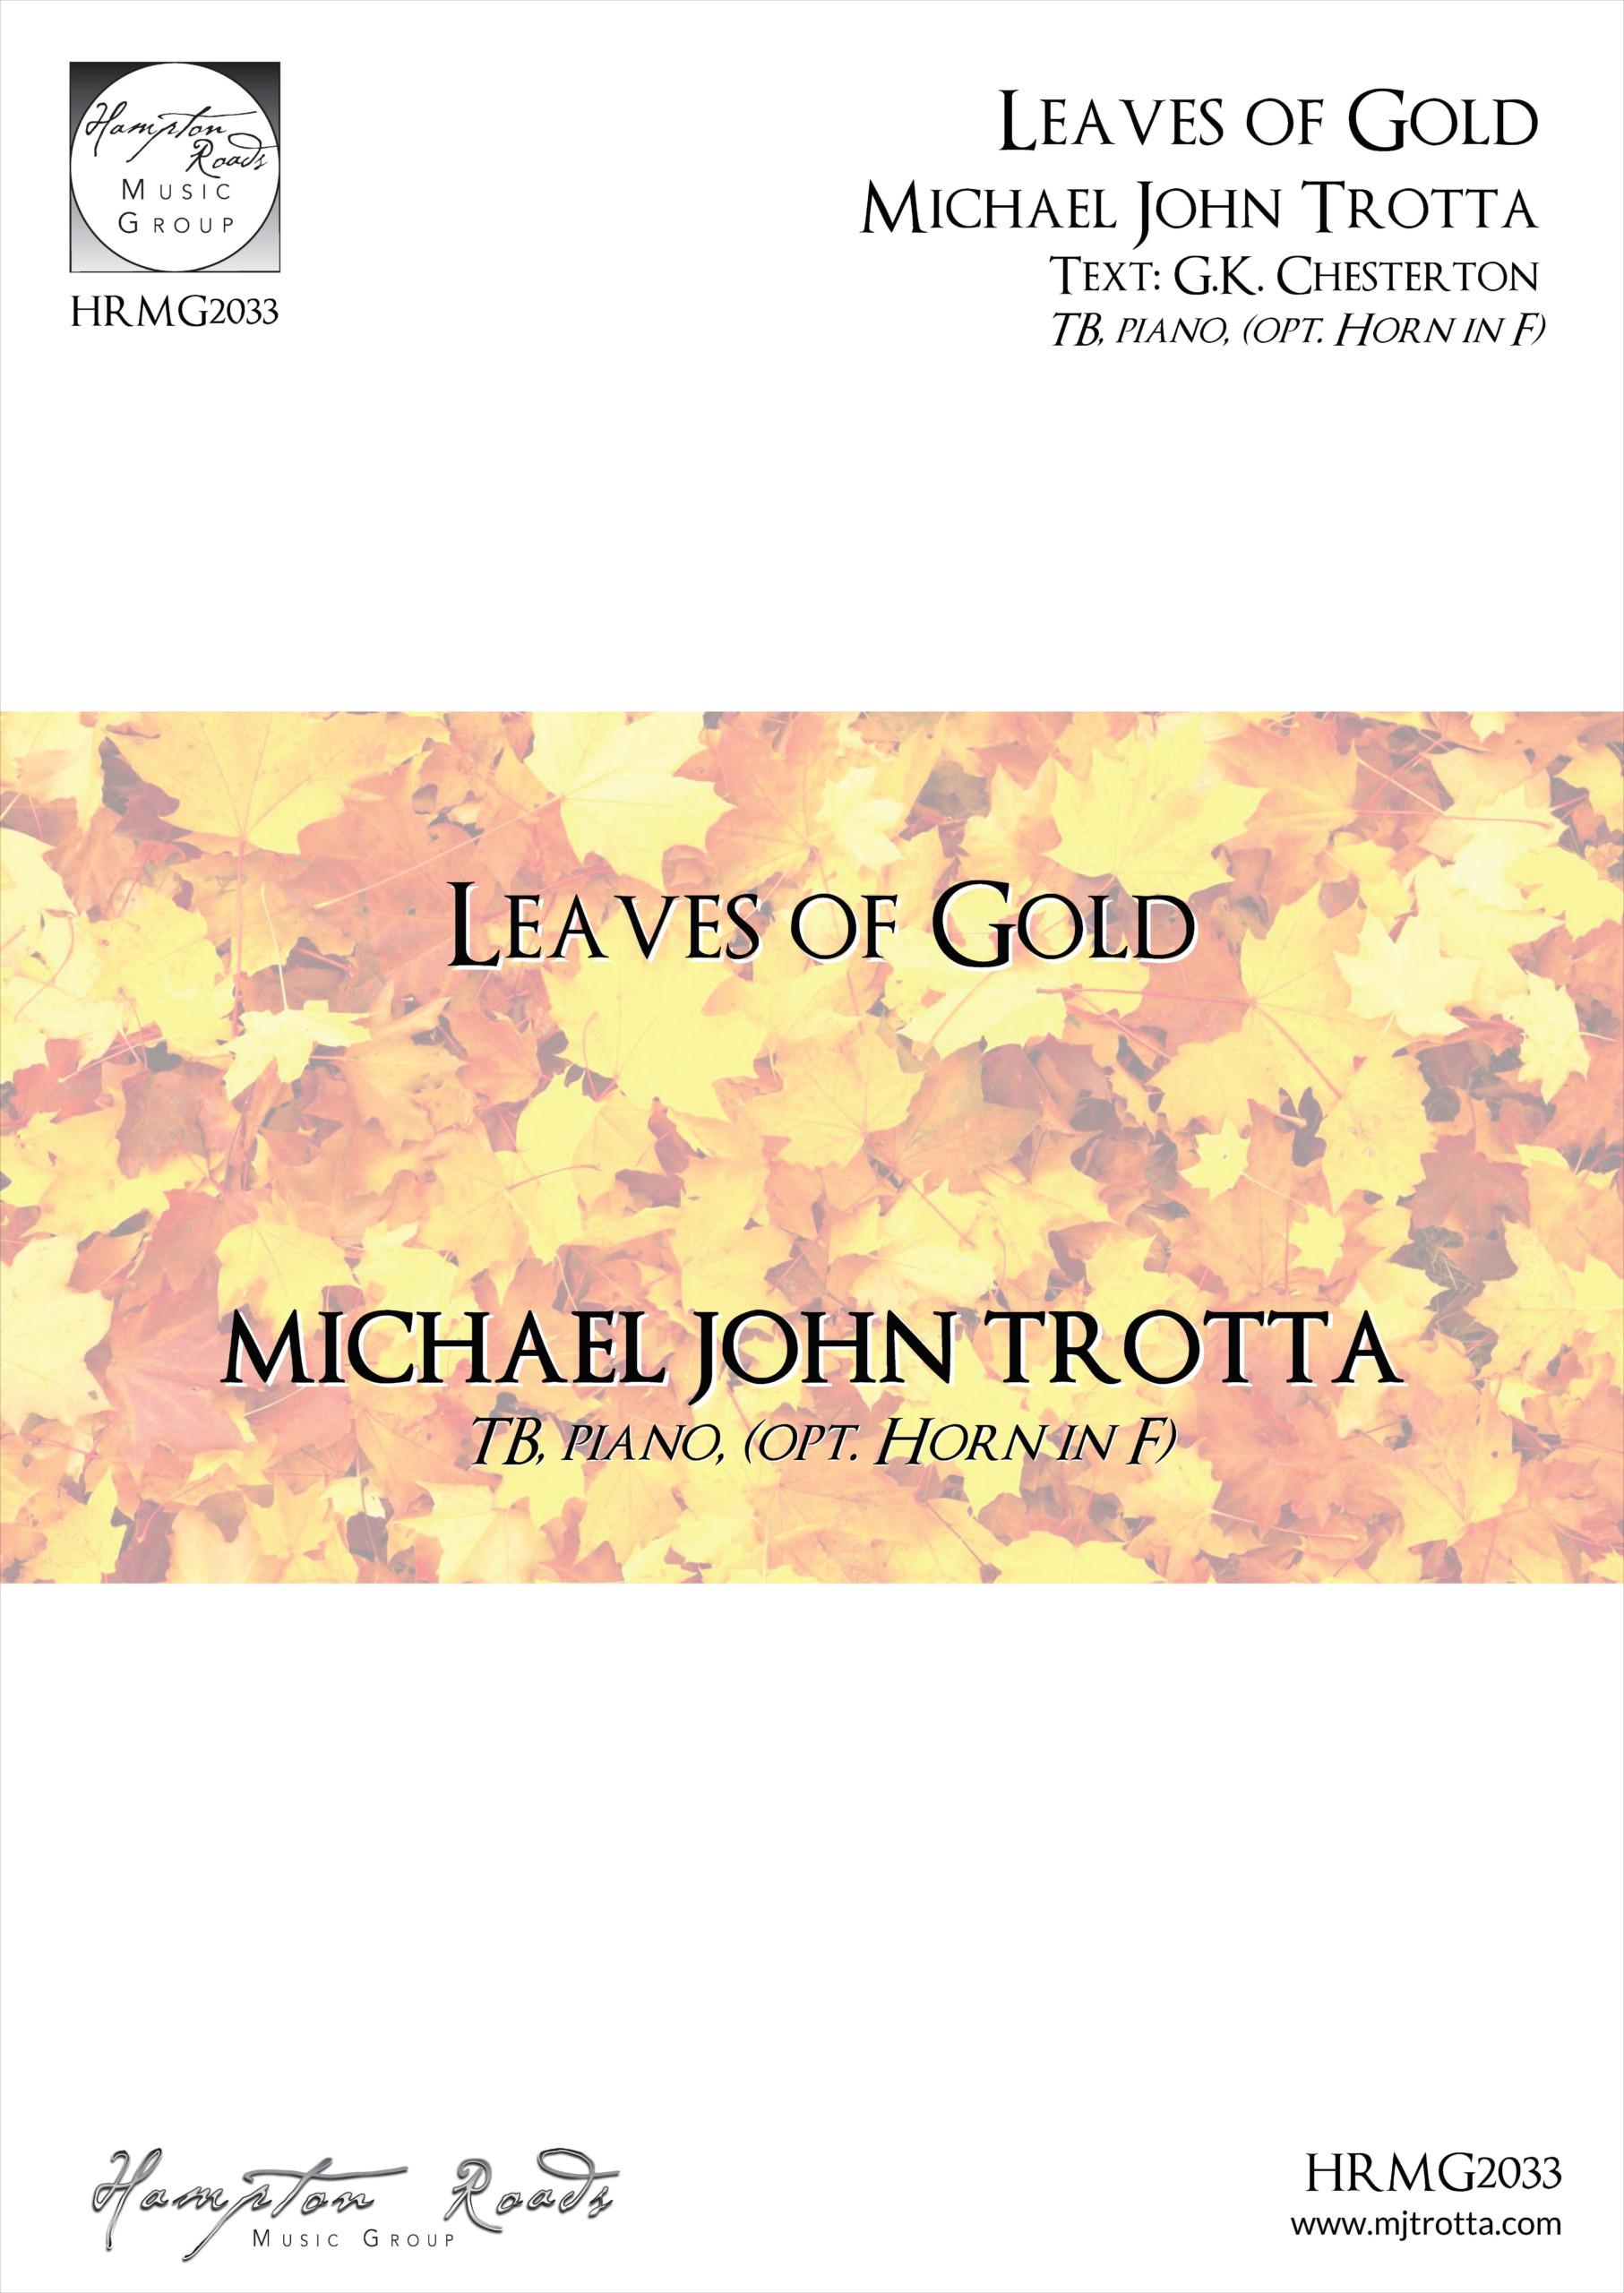 Leaves Of Gold - Michael John Trotta